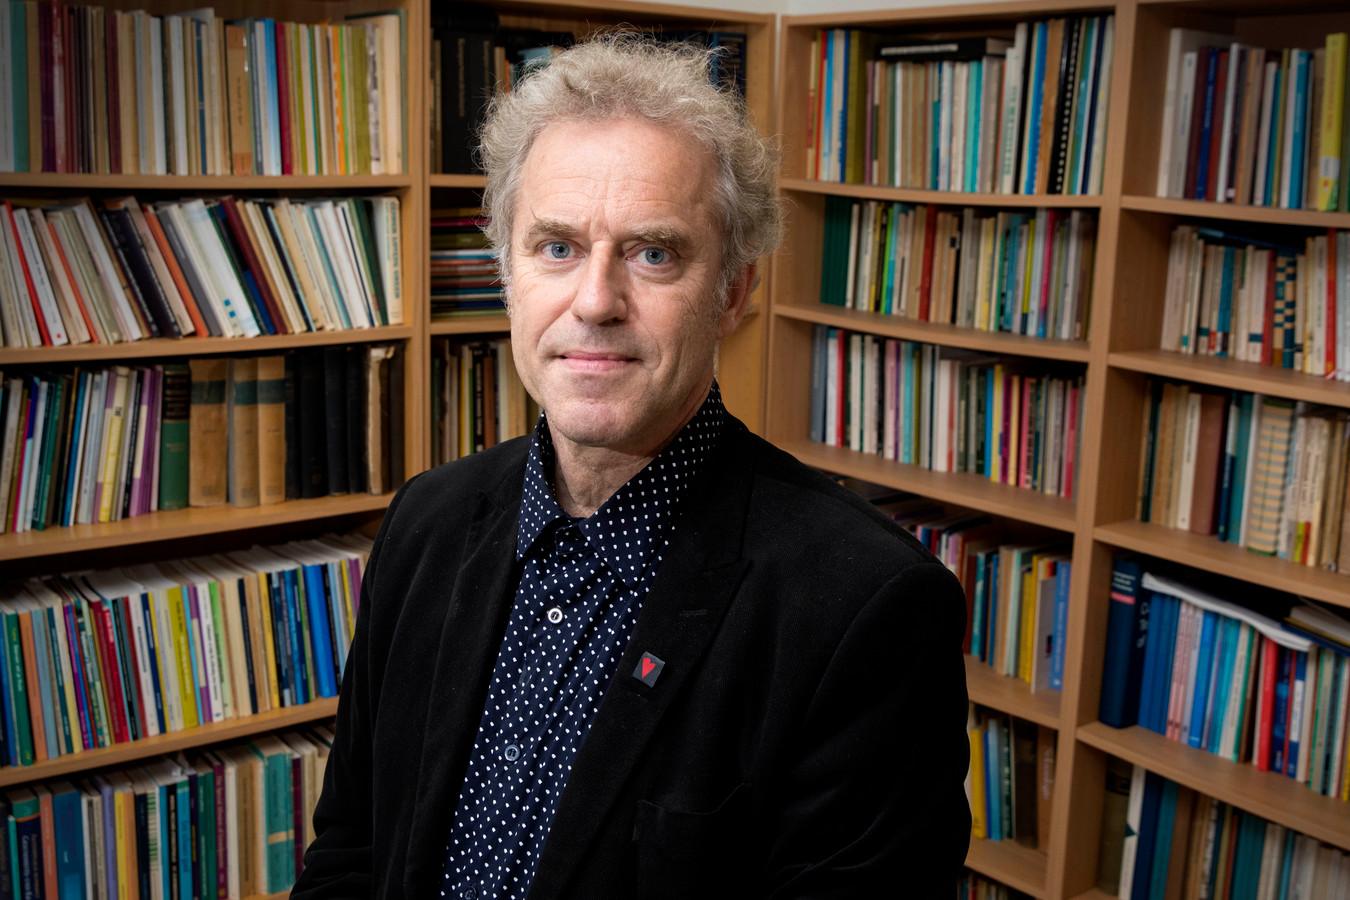 Jan Lavrijsen van het Radboudumc strijdt met zijn onderzoeksgroep al jaren voor pasende zorg voor alle patiënten met een laag bewustzijnsstoornis.